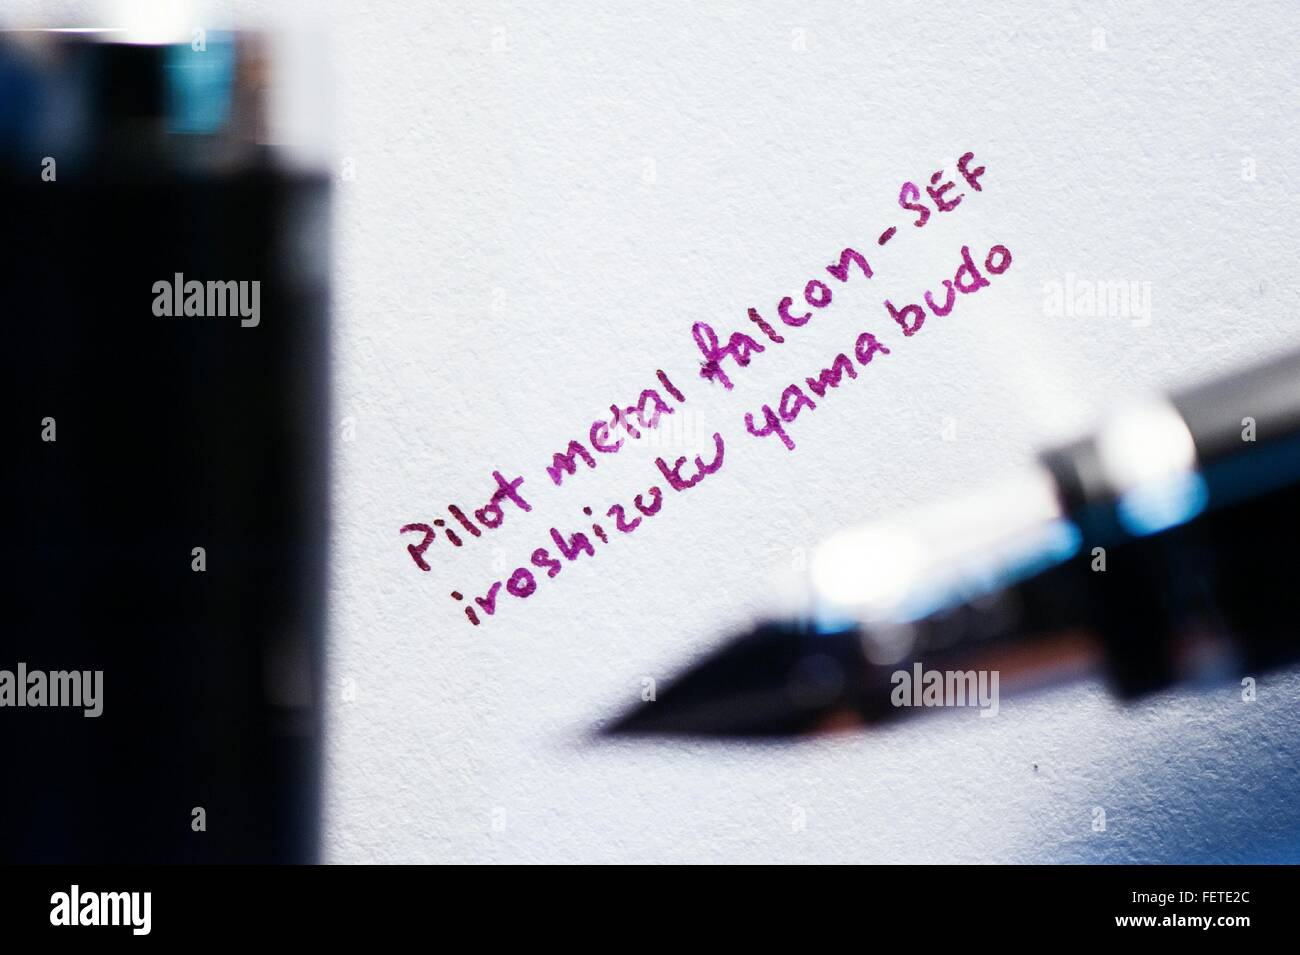 Text immagini text fotos stock alamy for Disegni del mazzo del secondo piano